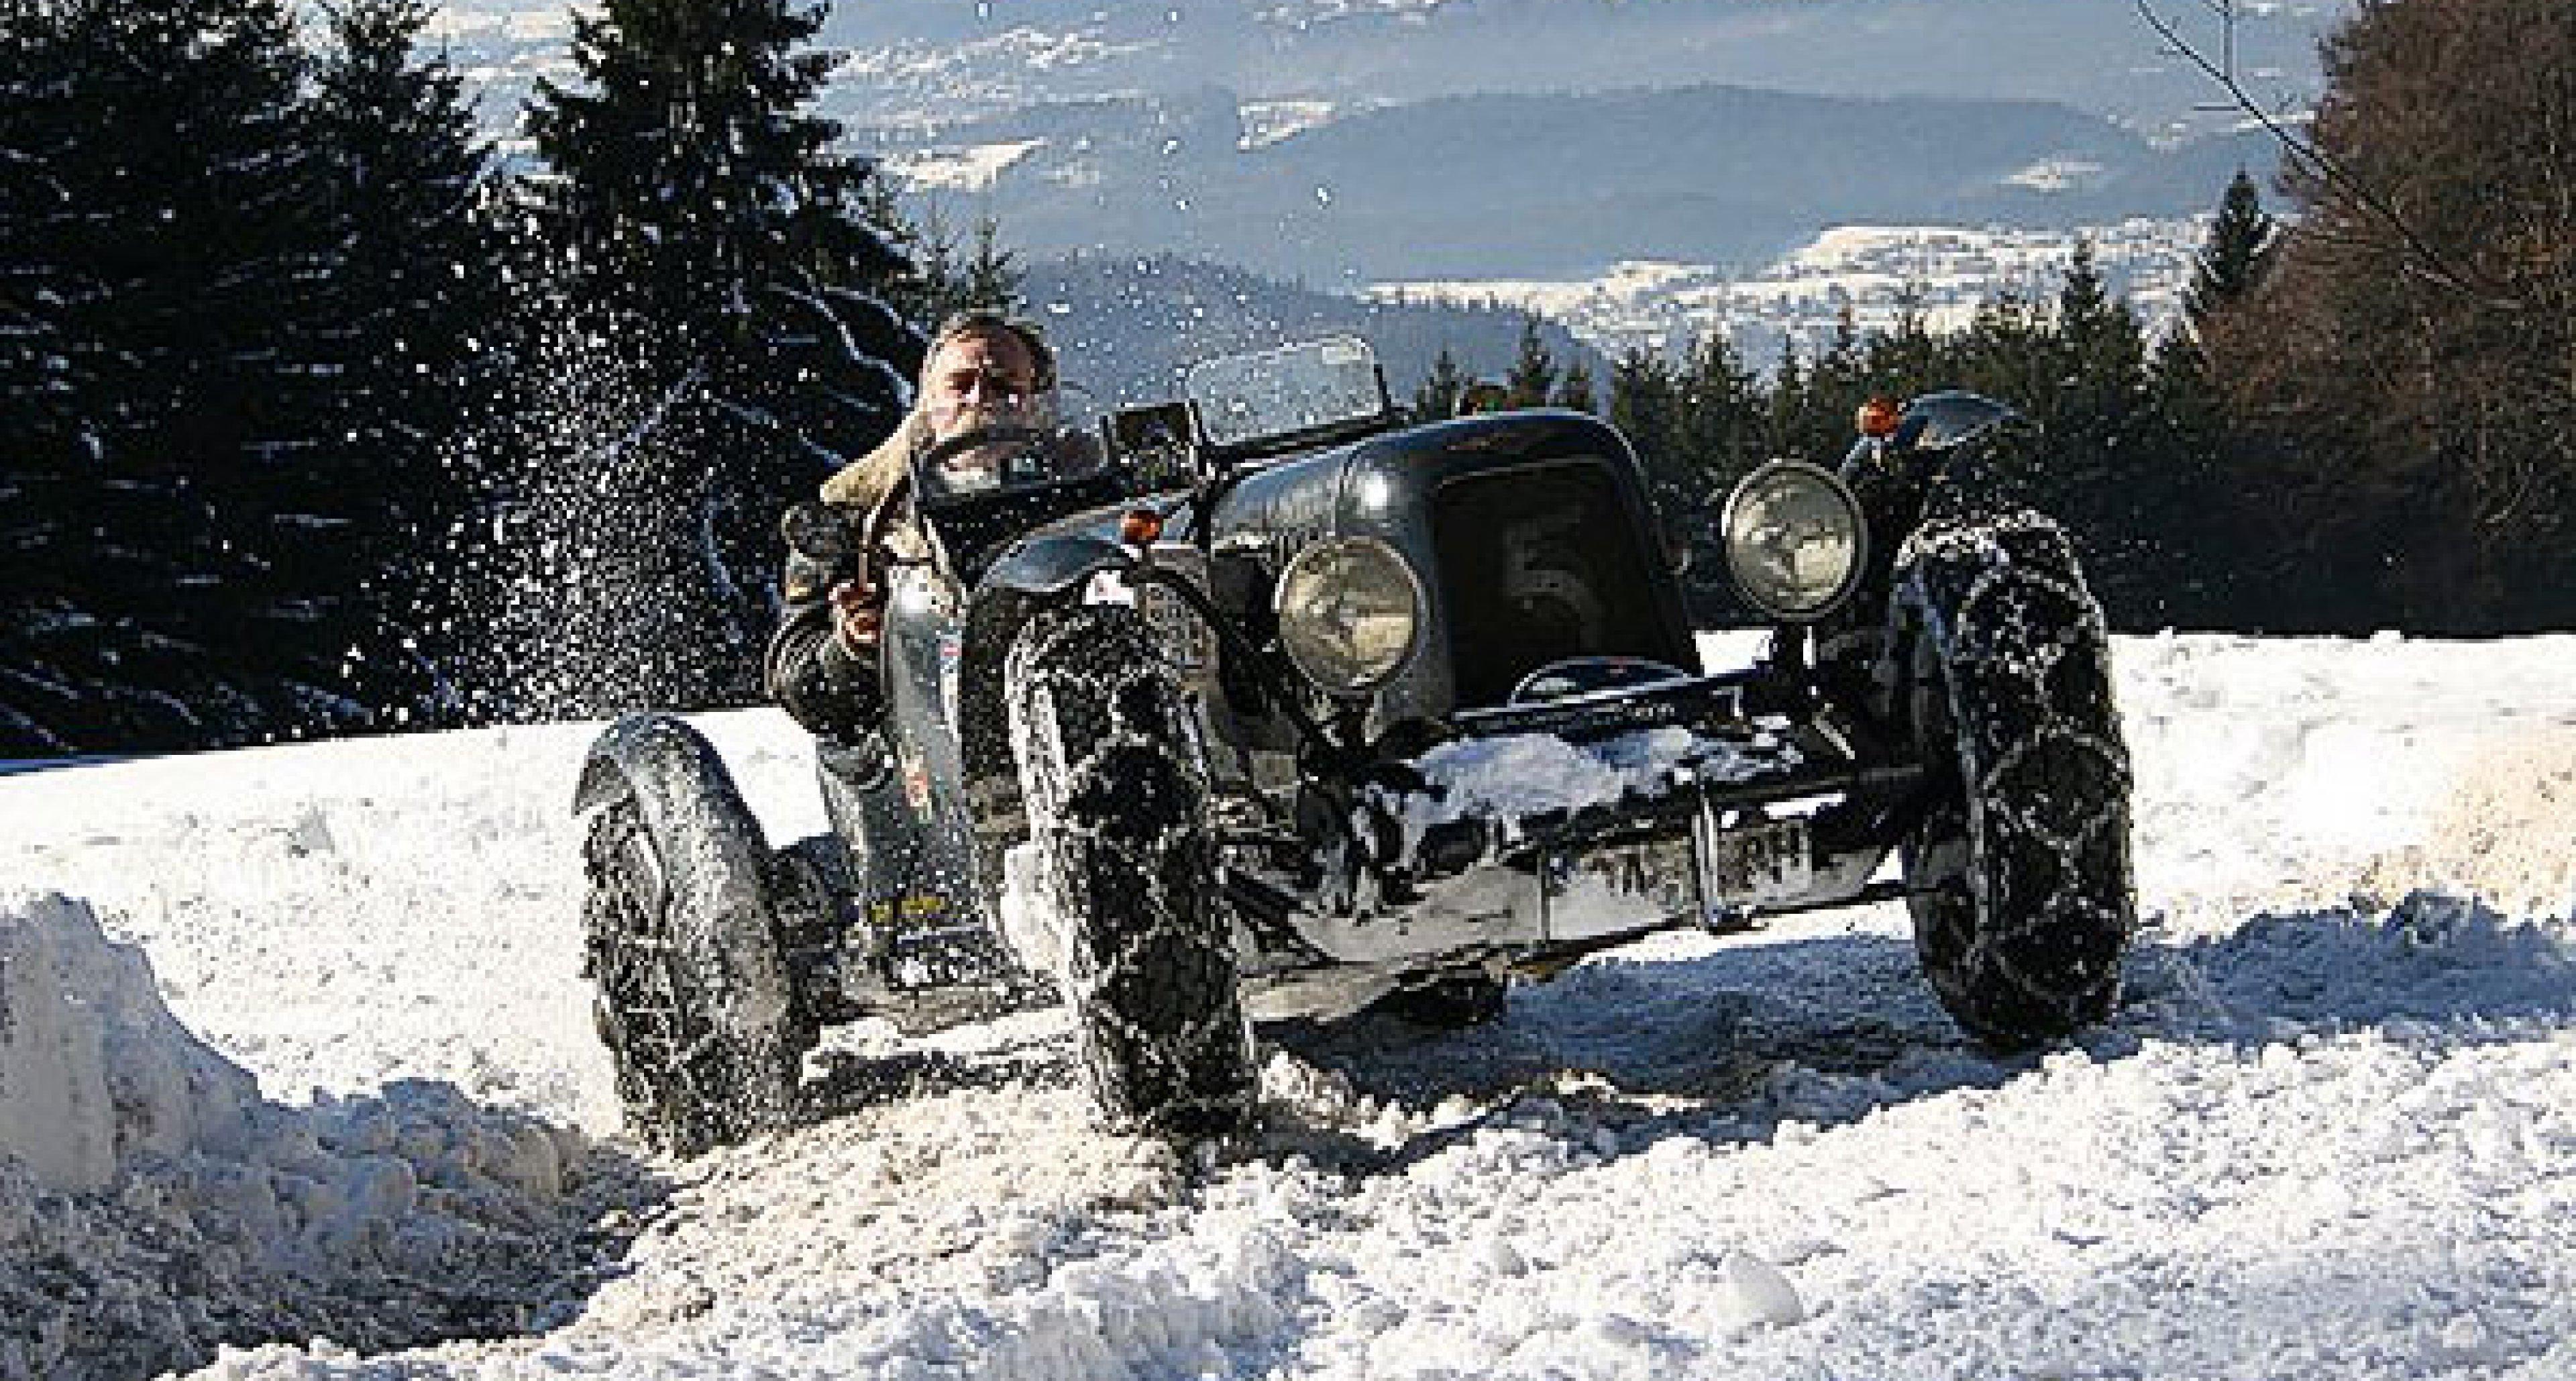 Driftshow im Schnee